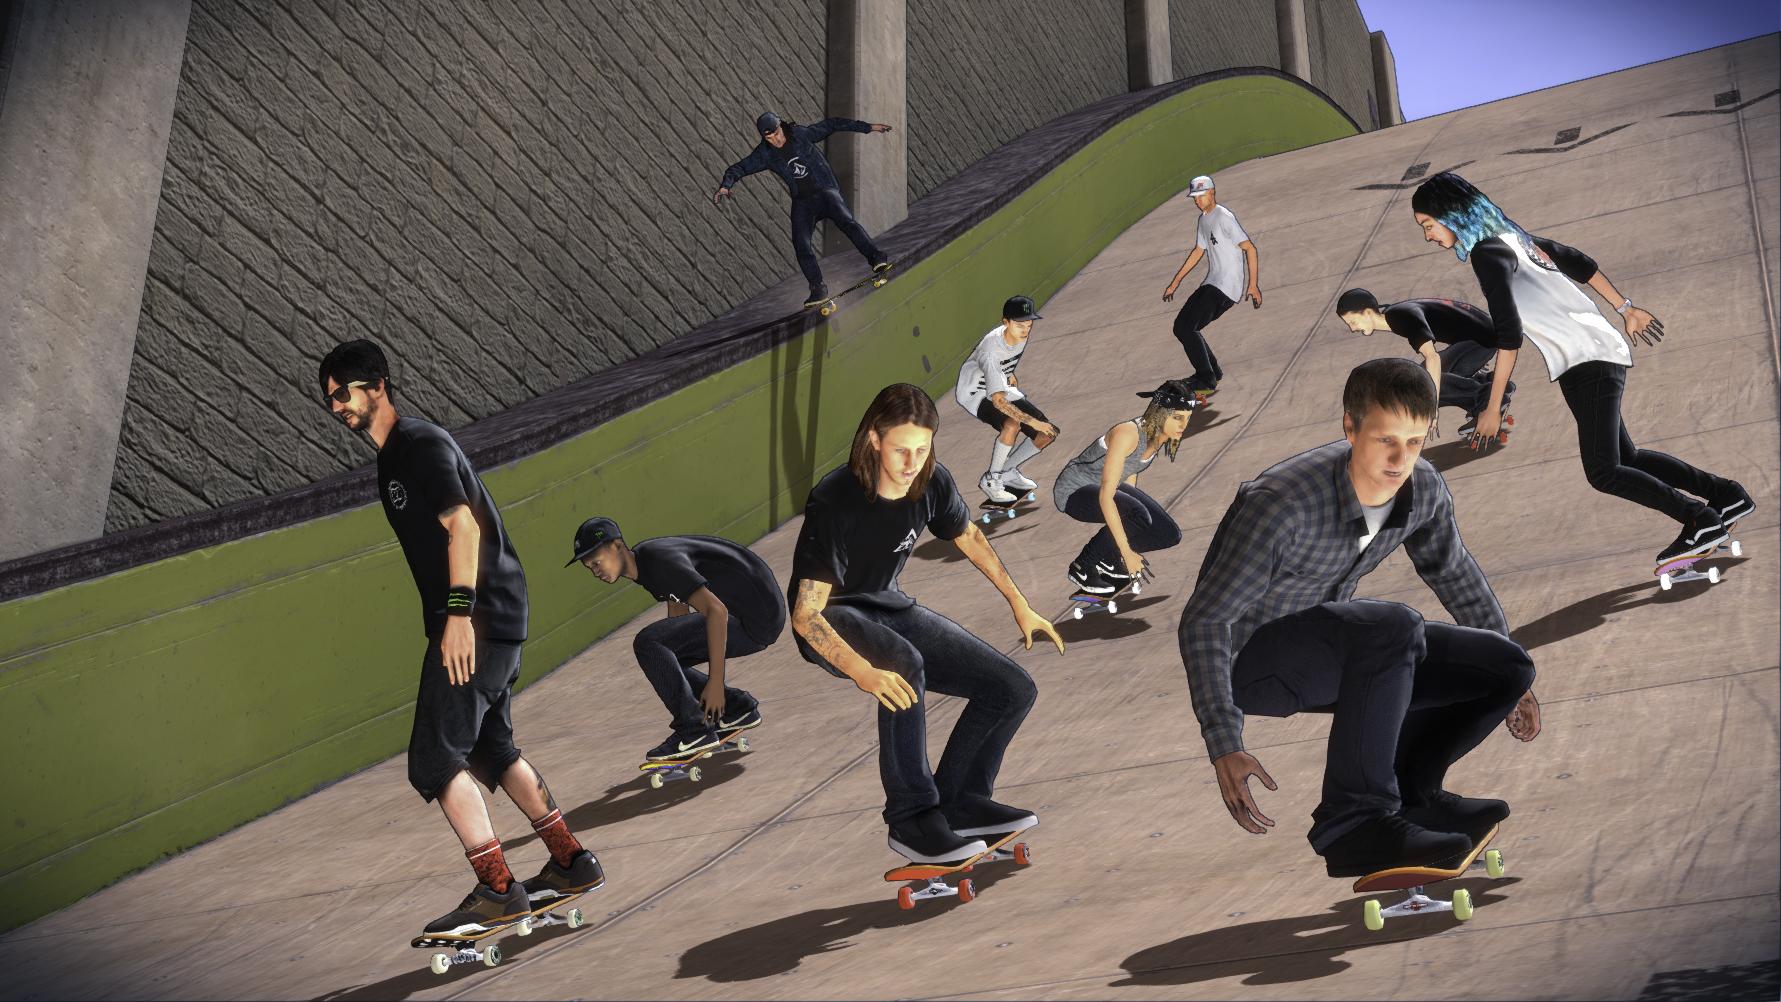 THPS5_SkatePark_9P_Ramp-Edit_bk0yup